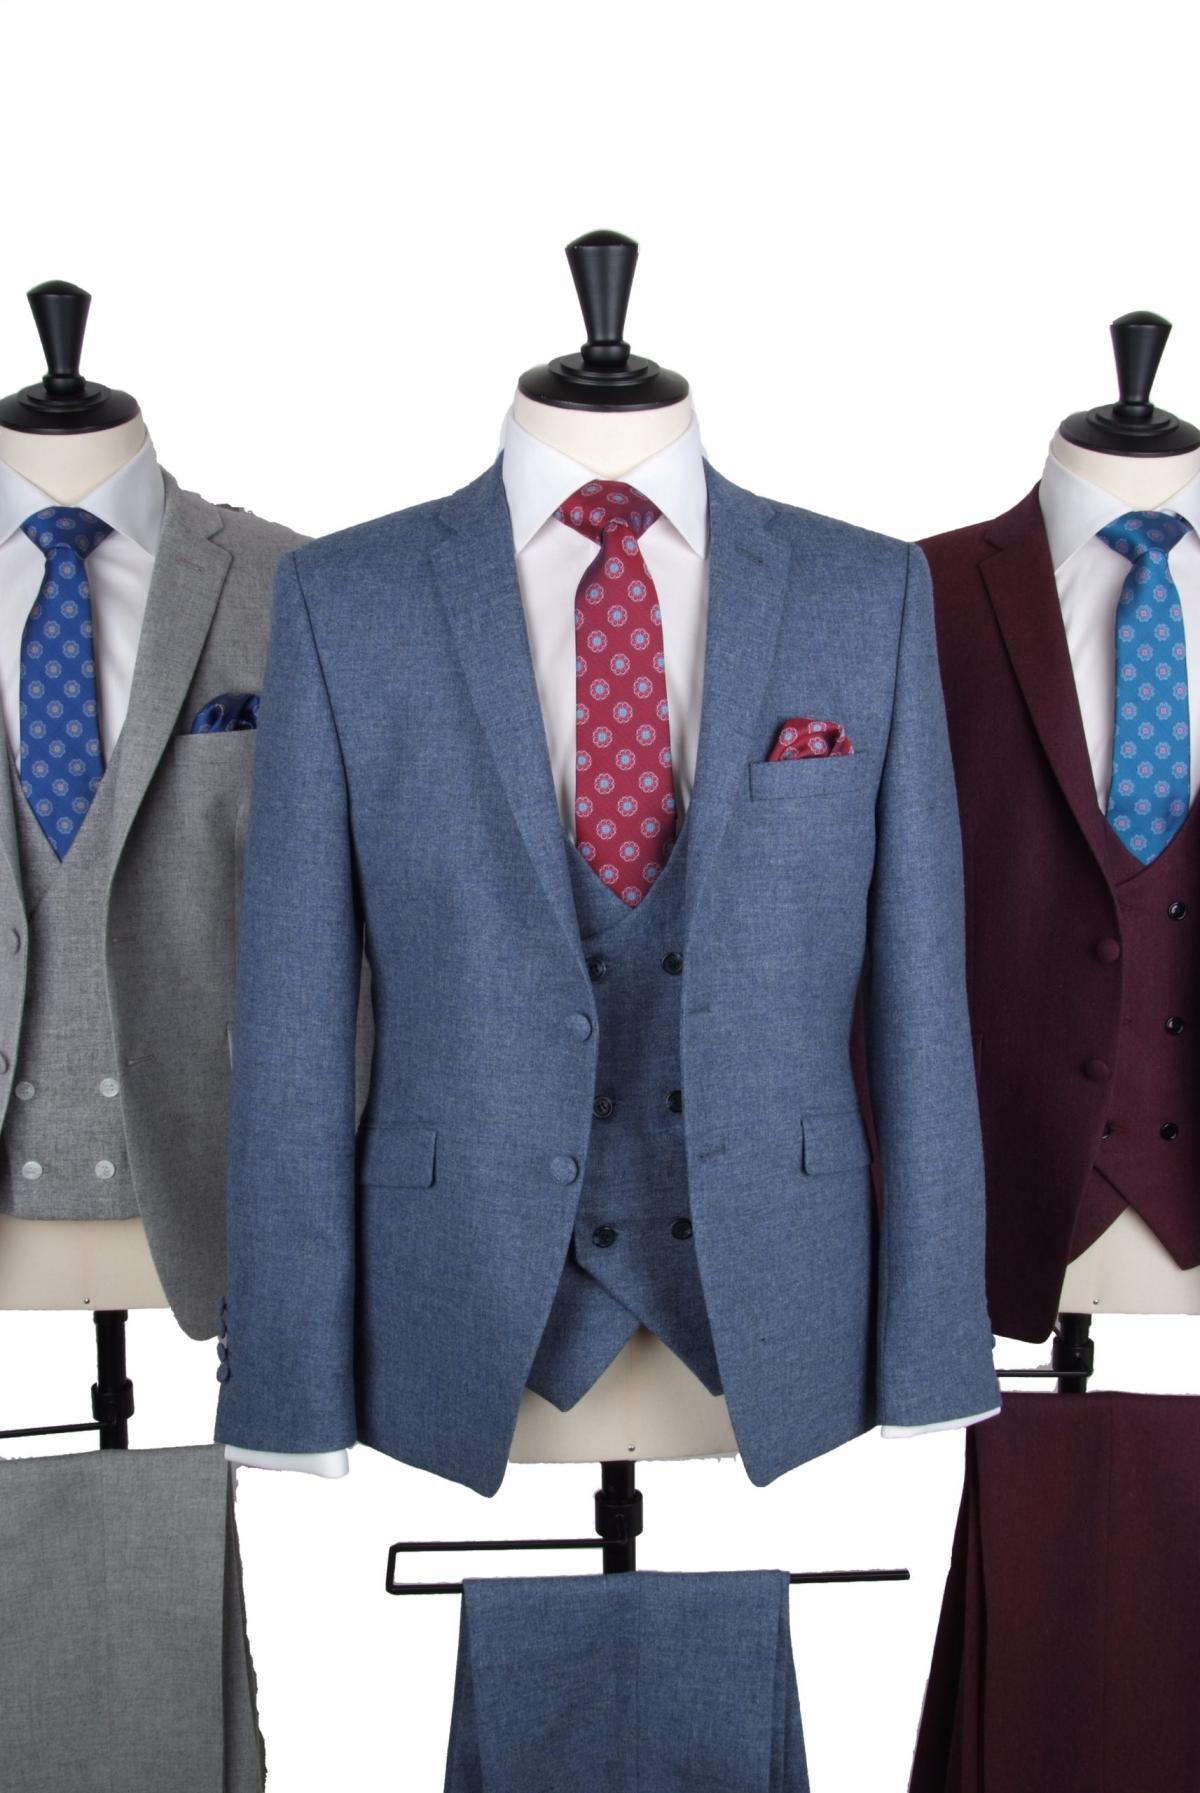 Lambs wool vintage tweed suit hire